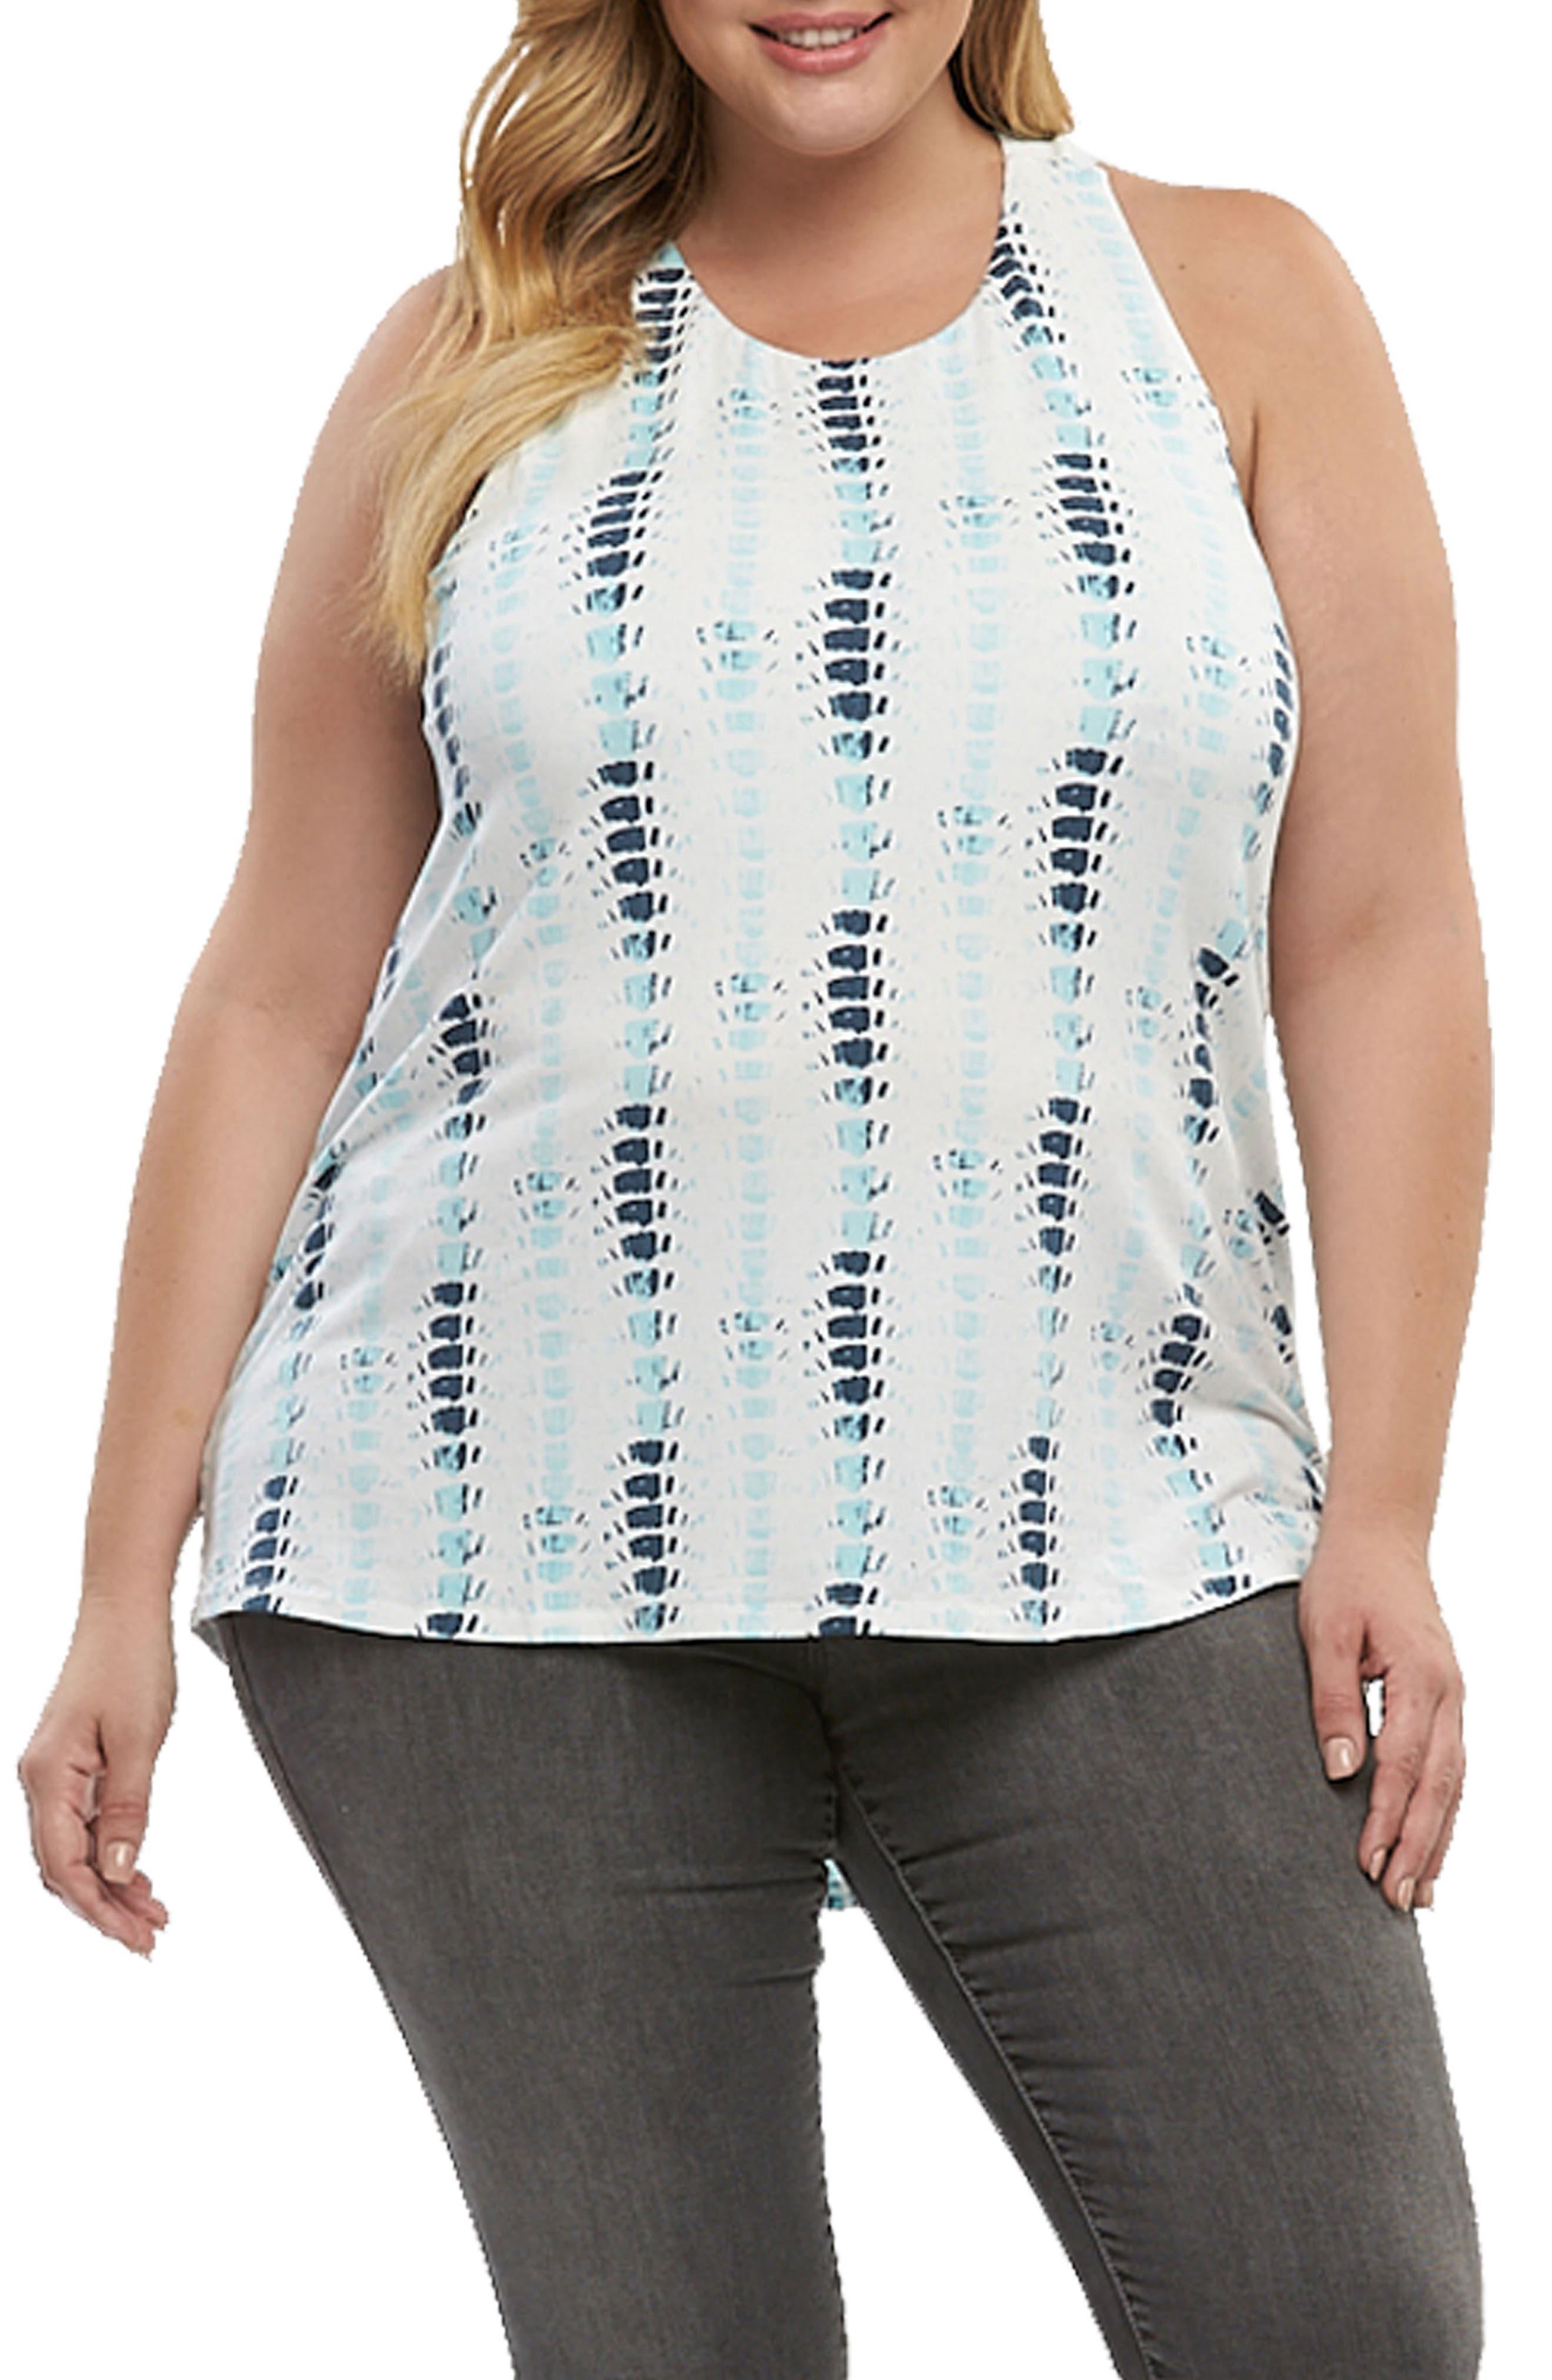 Main Image - Tart Janalyn Crisscross Back Top (Plus Size)